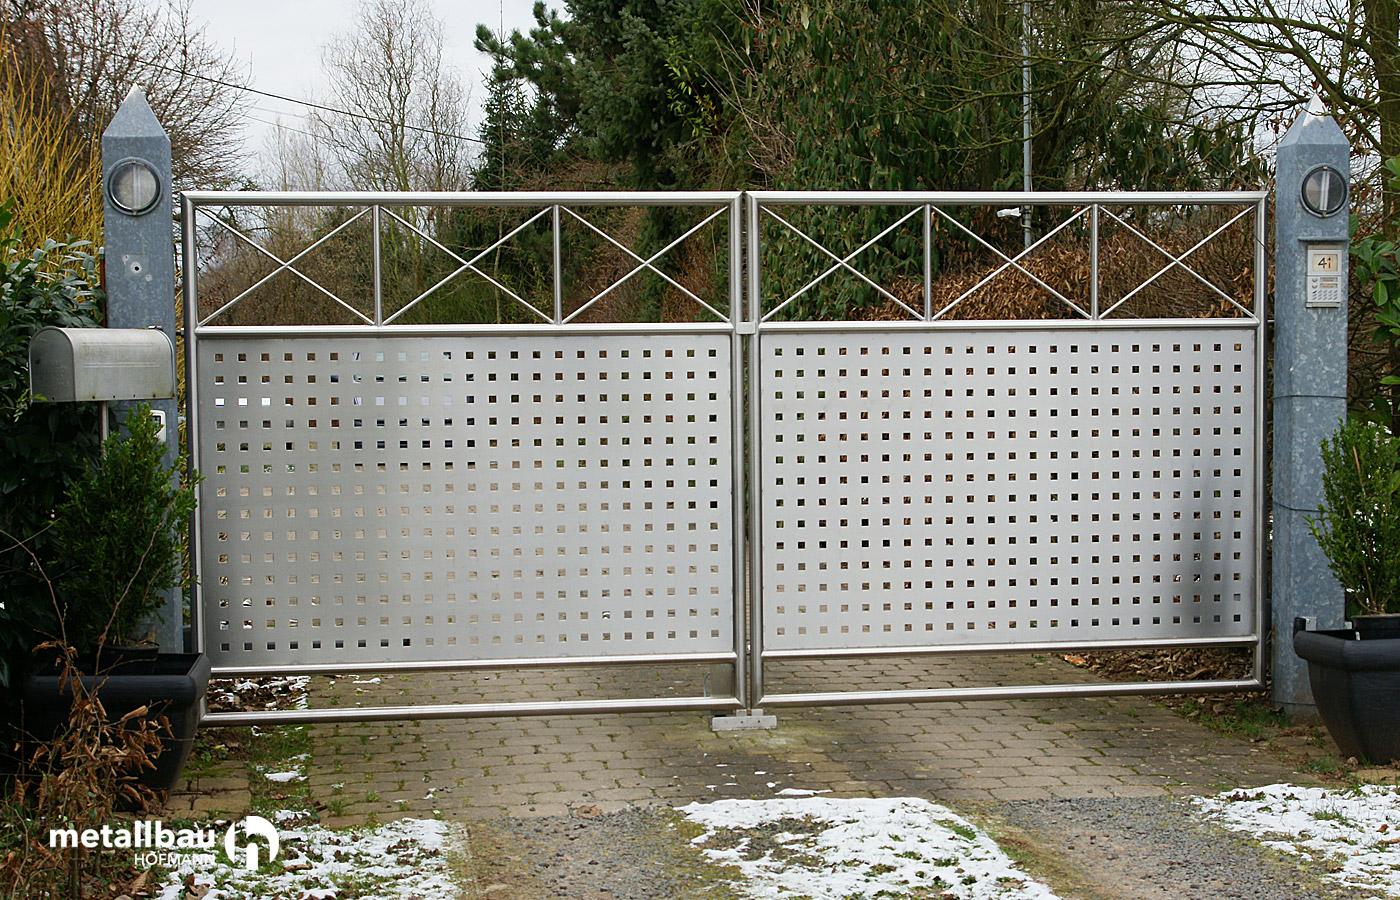 Metallbau Hofmann St Wendel – Starker Partner für Stahl und Edelstahl